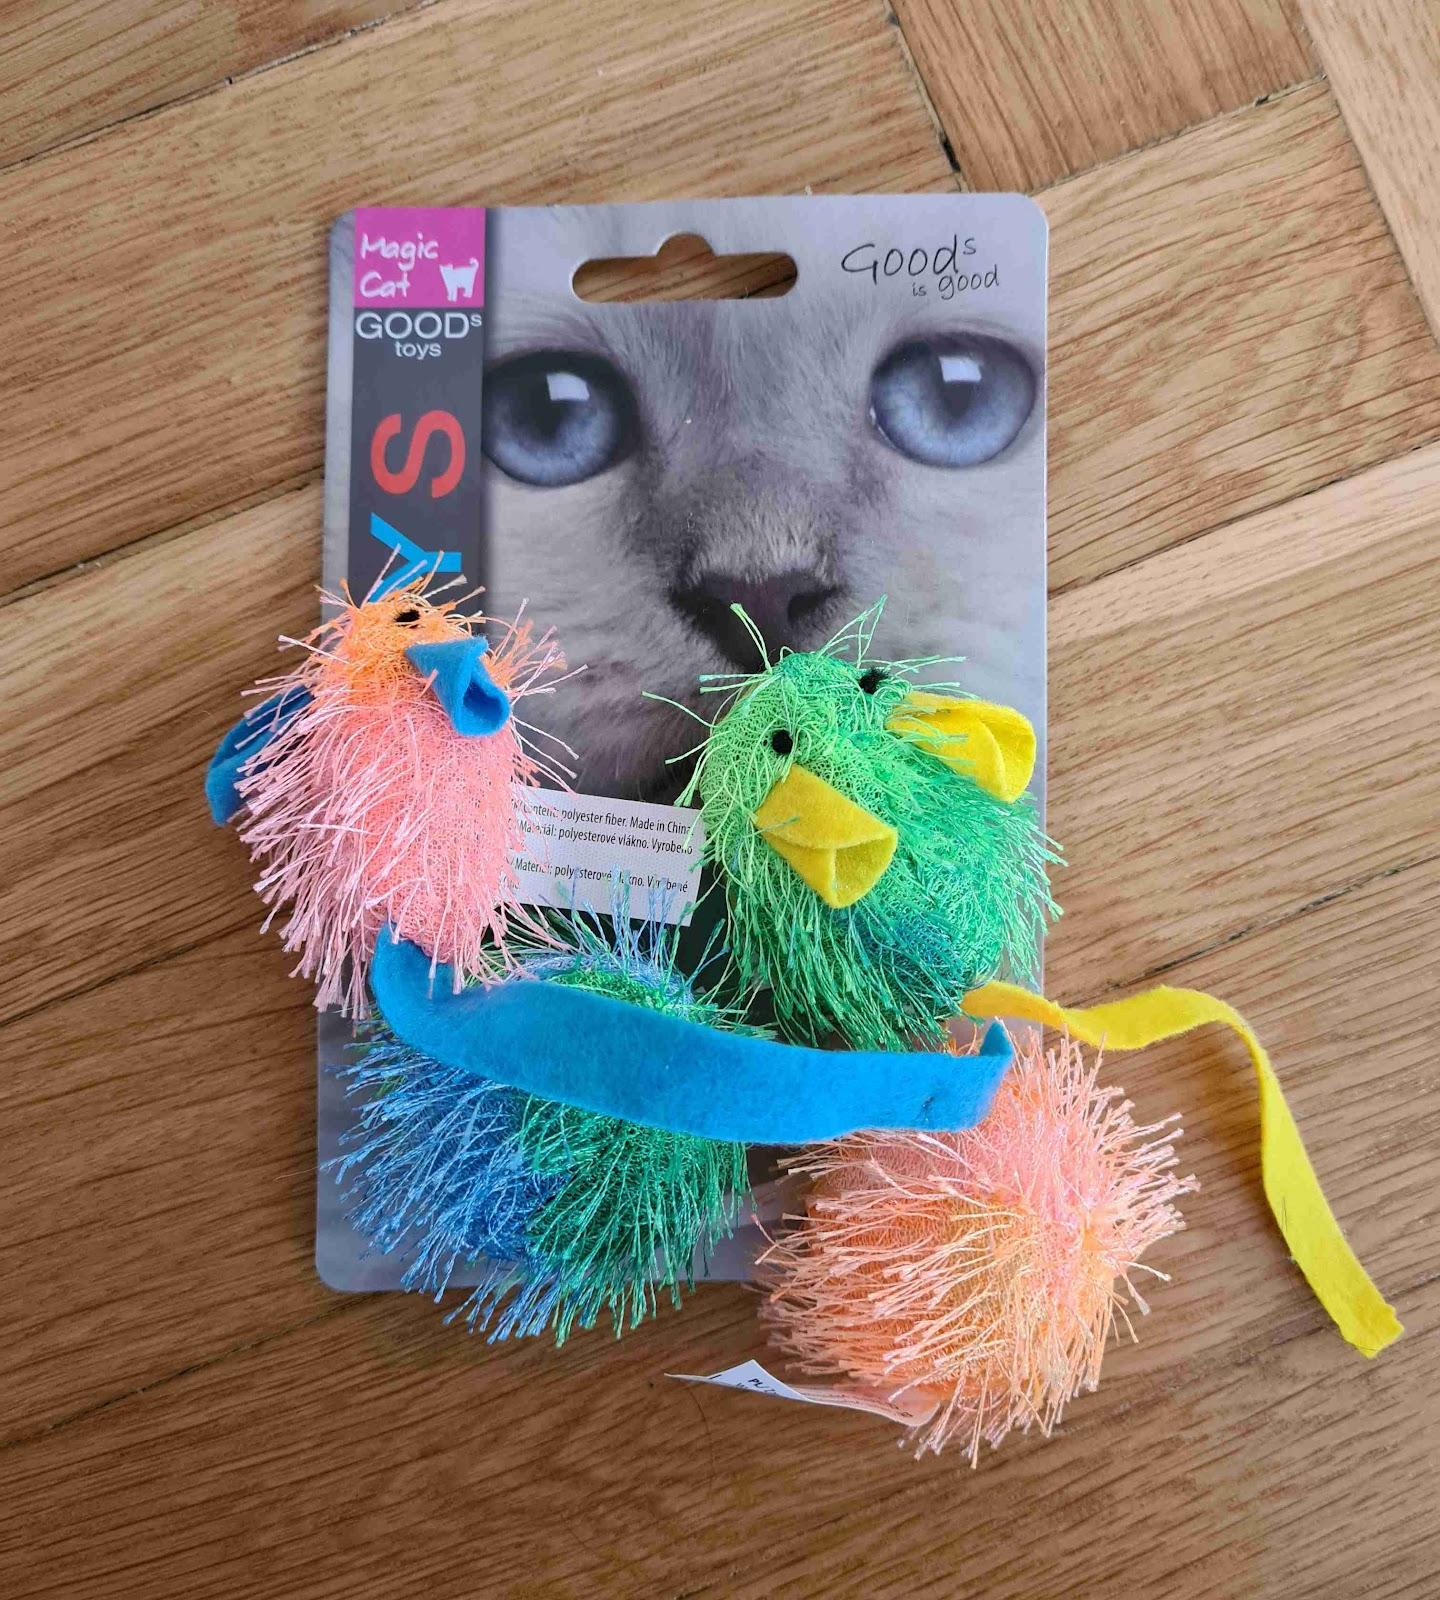 Recenze Super zoo: Magic Cat myš a koule s catnipem